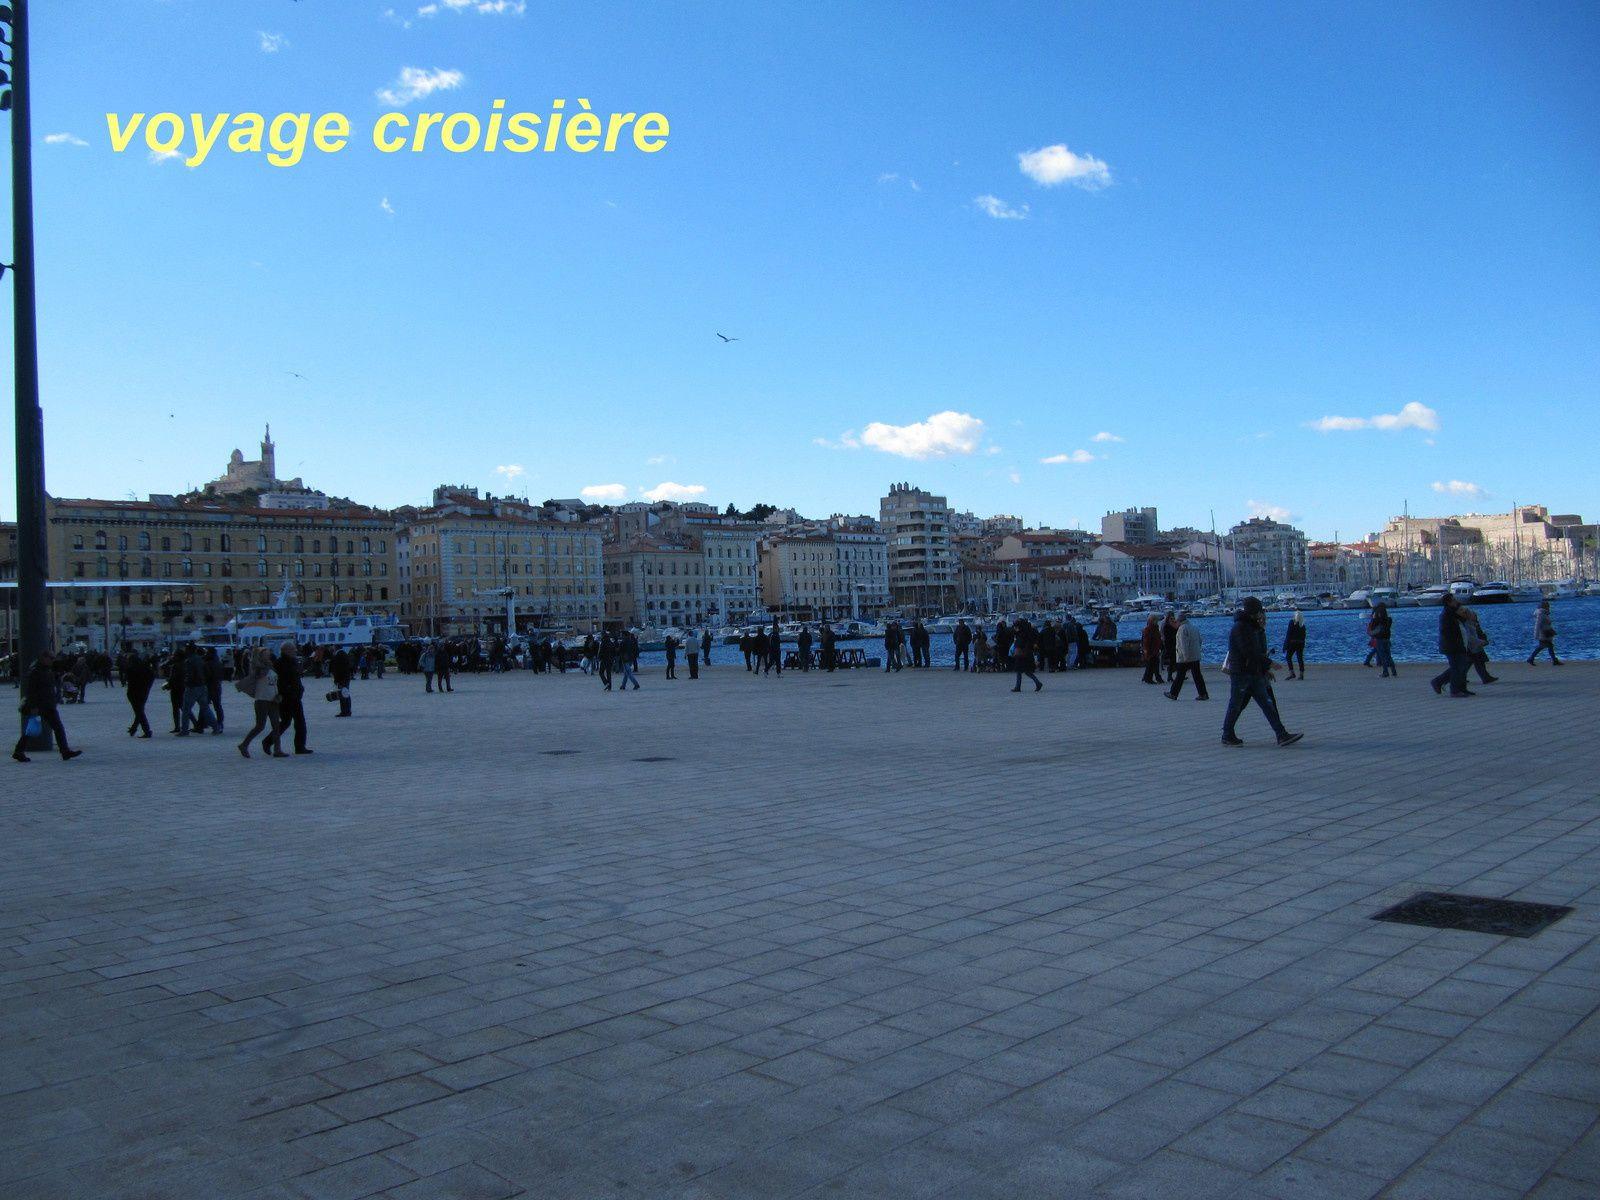 port de Marseille, où l'on peut y acheter du poisson frais venant directement du producteur